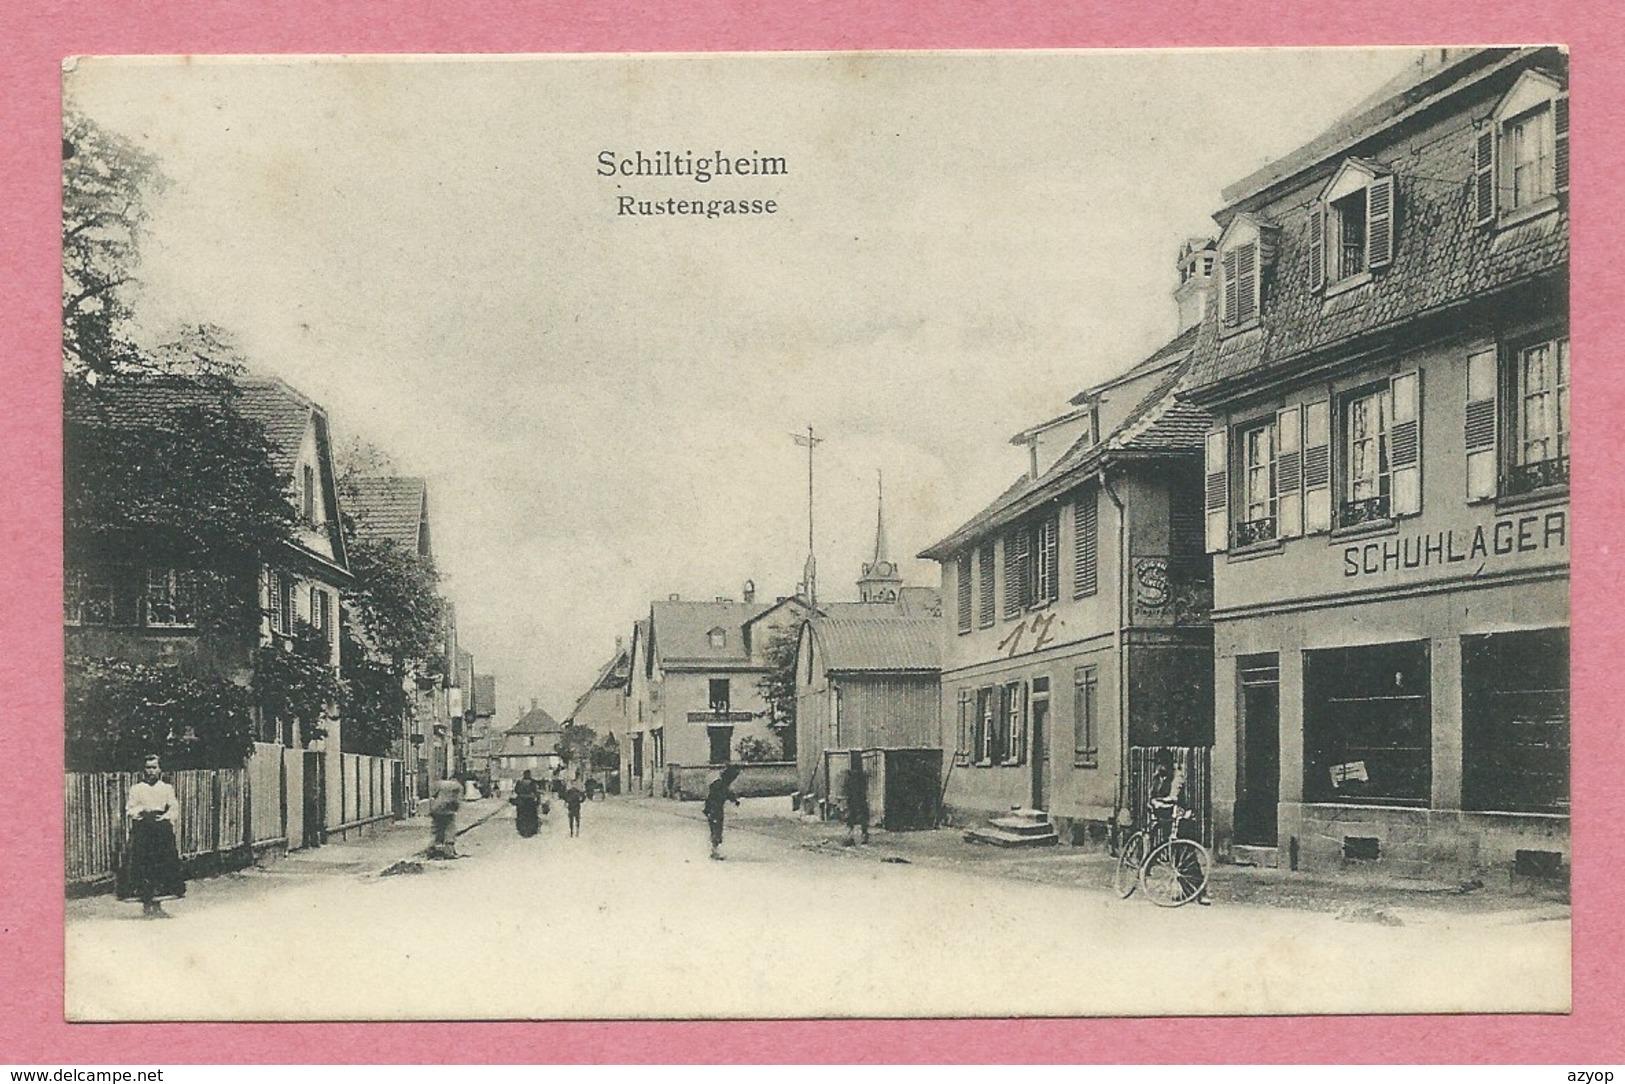 67 - SCHILTIGHEIM - Rustengasse - Schiltigheim